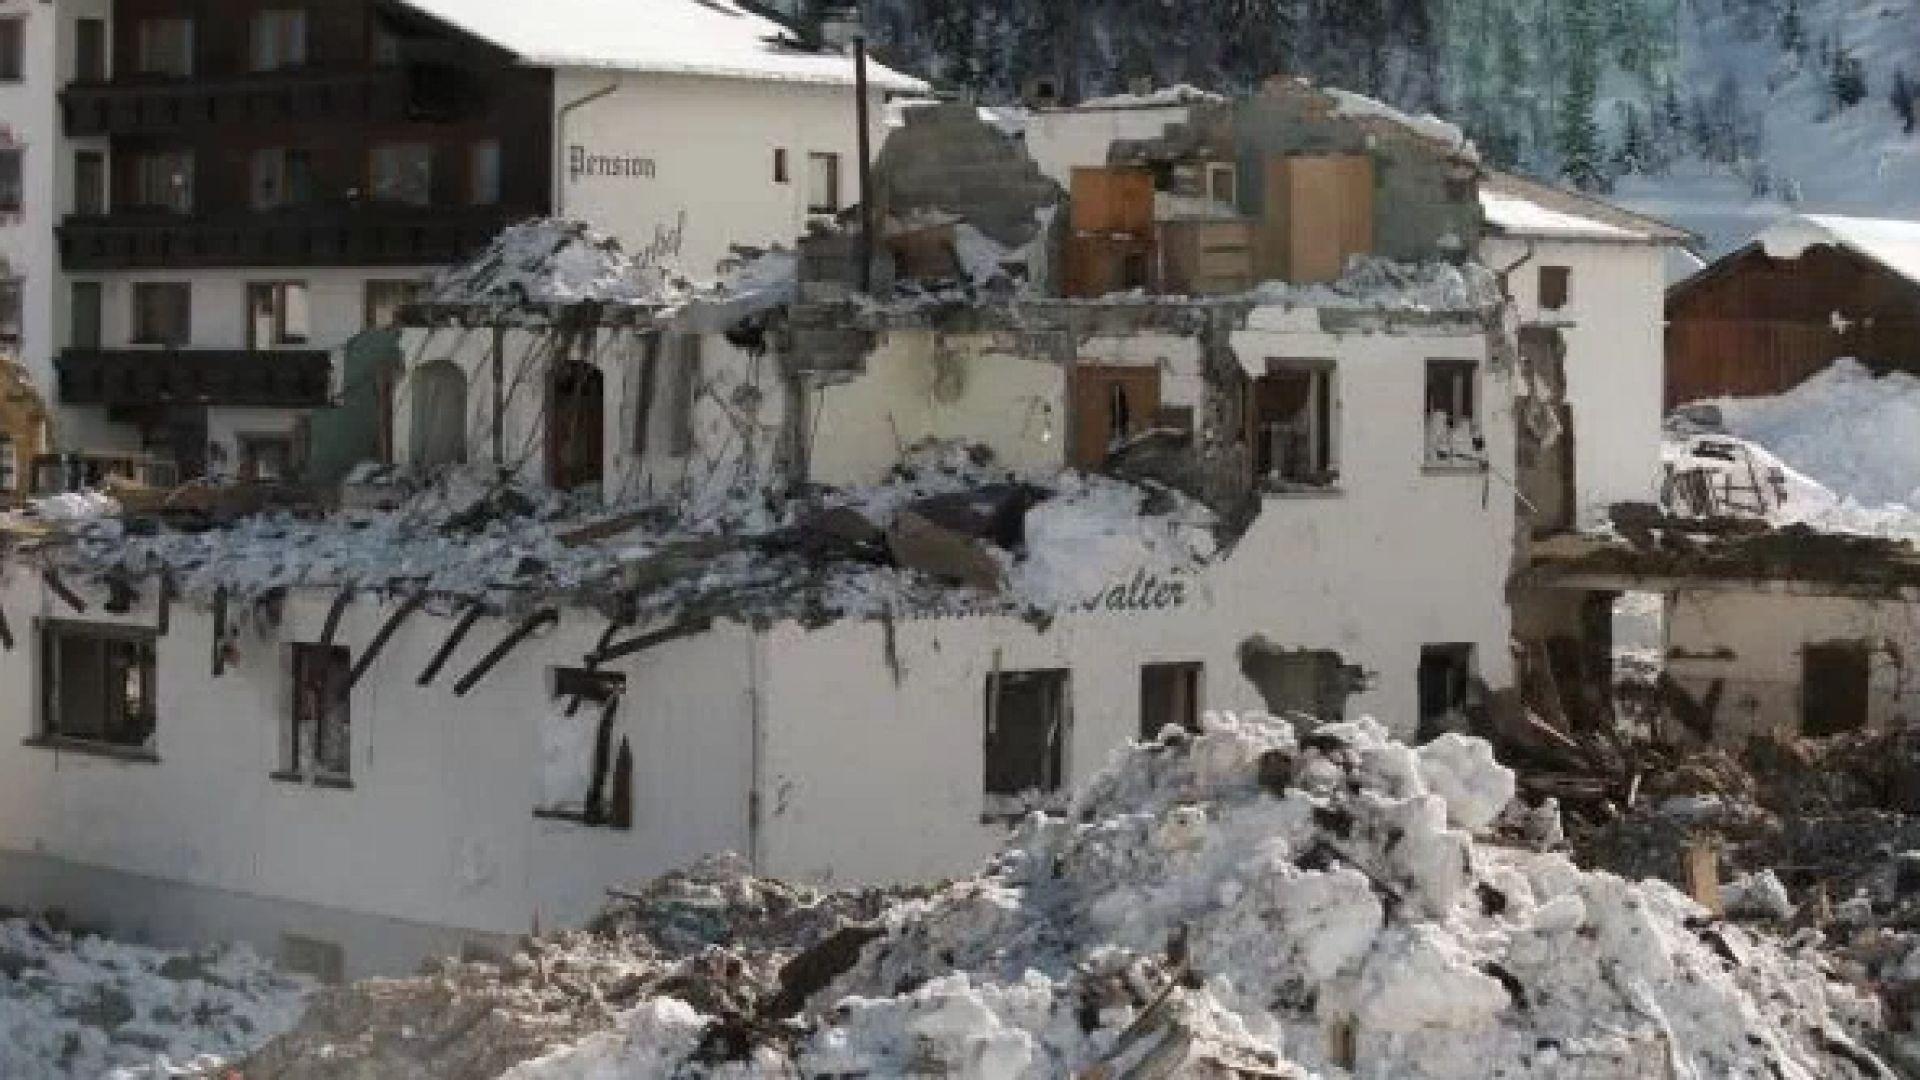 23 февруари 1999 г. - лавина от 300 000 тона сняг убива 31 души в Галтюр (снимки)